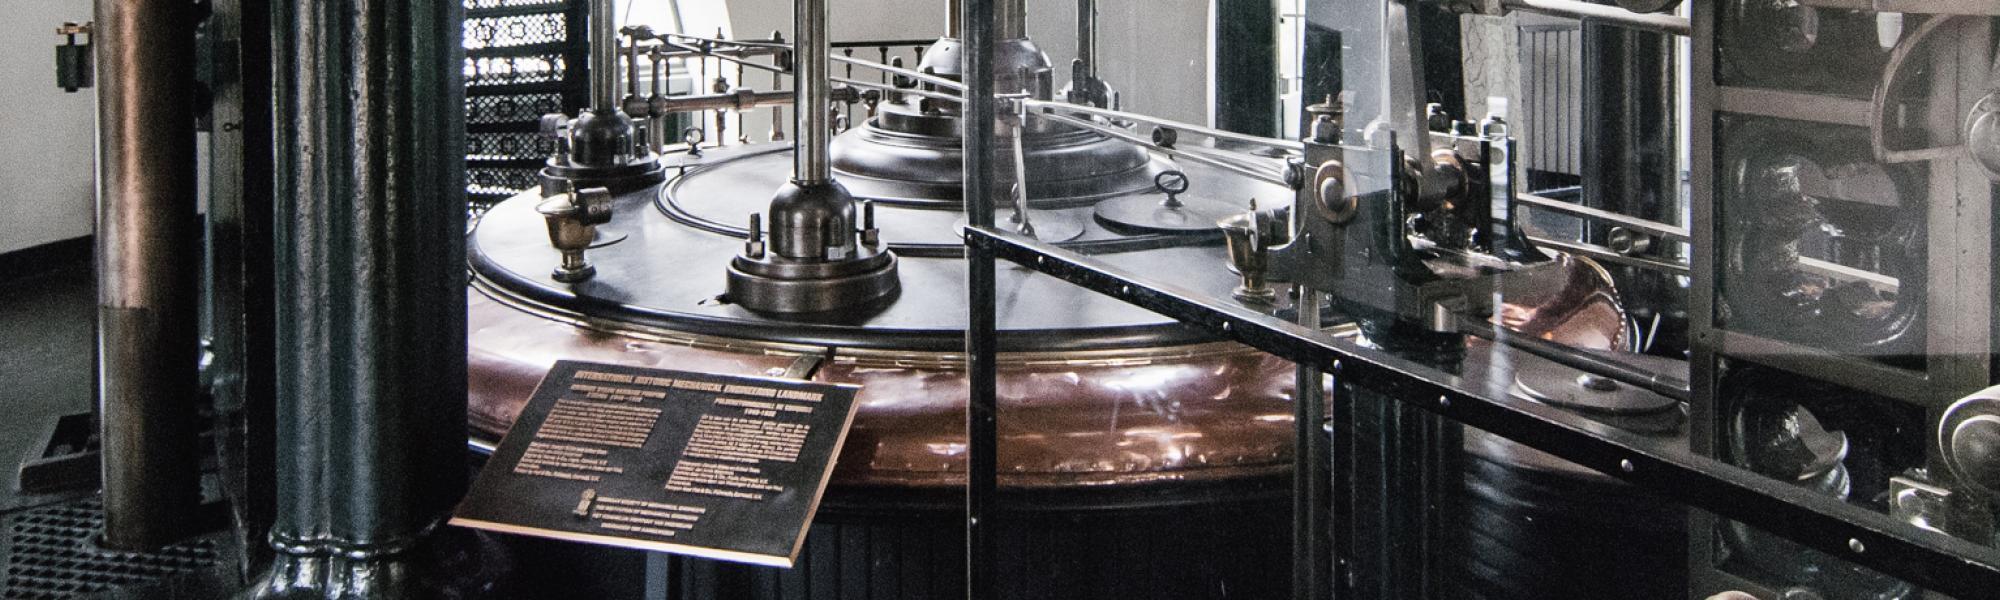 Beeld van de machinekamer van Gemaal De Cruquius